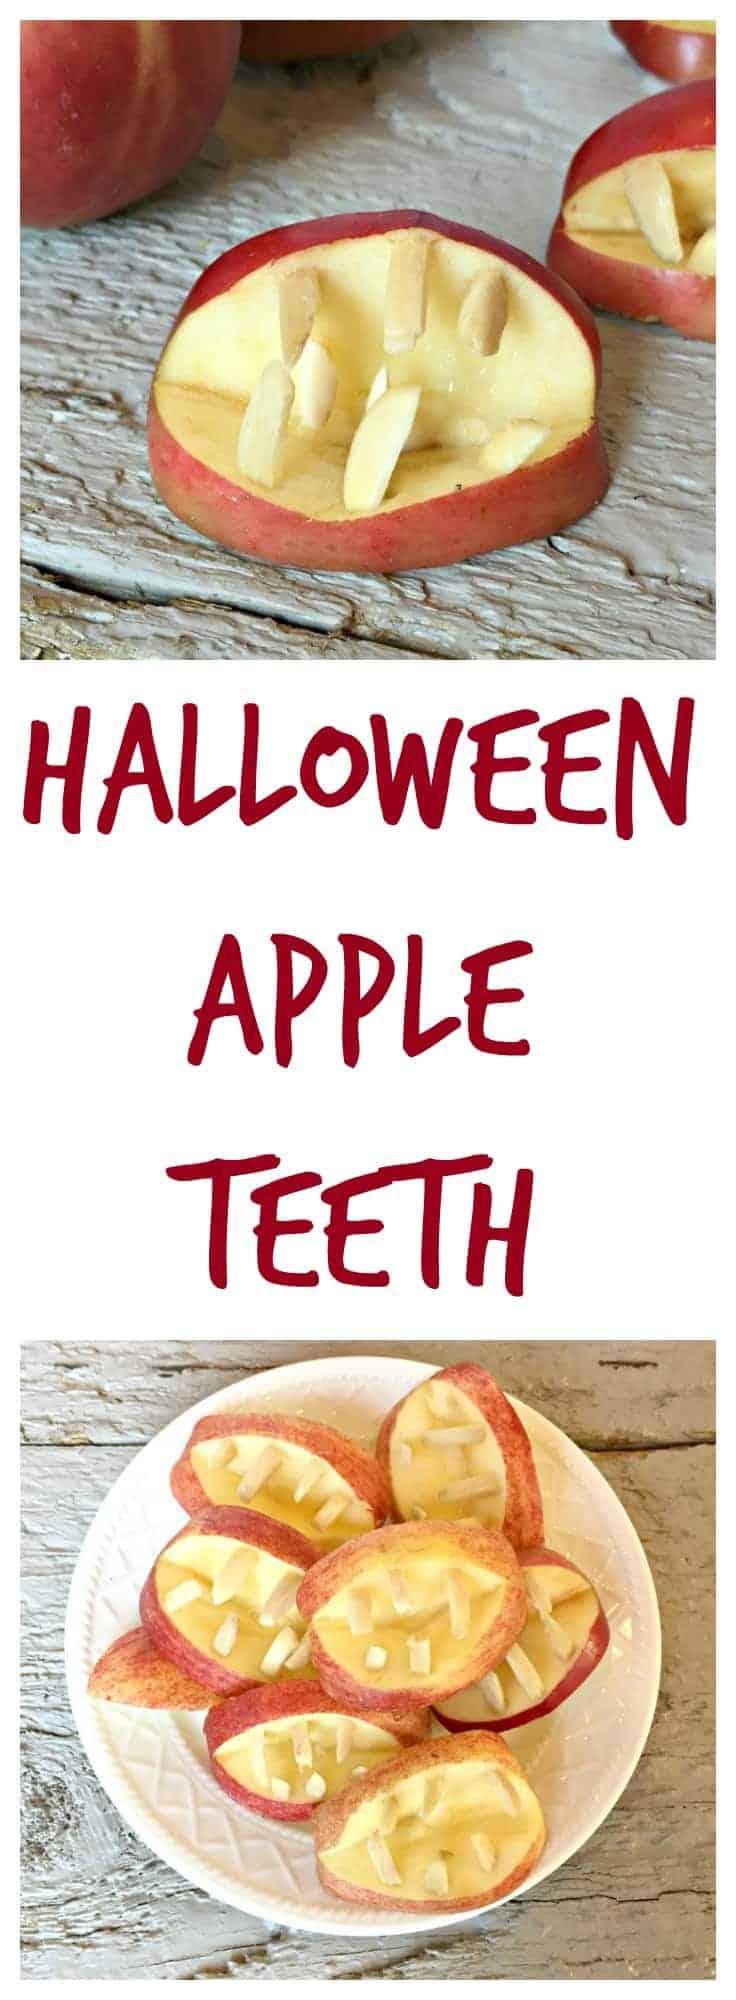 Halloween Apple Teeth are a fun way to add some healthy treats into Halloween. #Halloween #apples